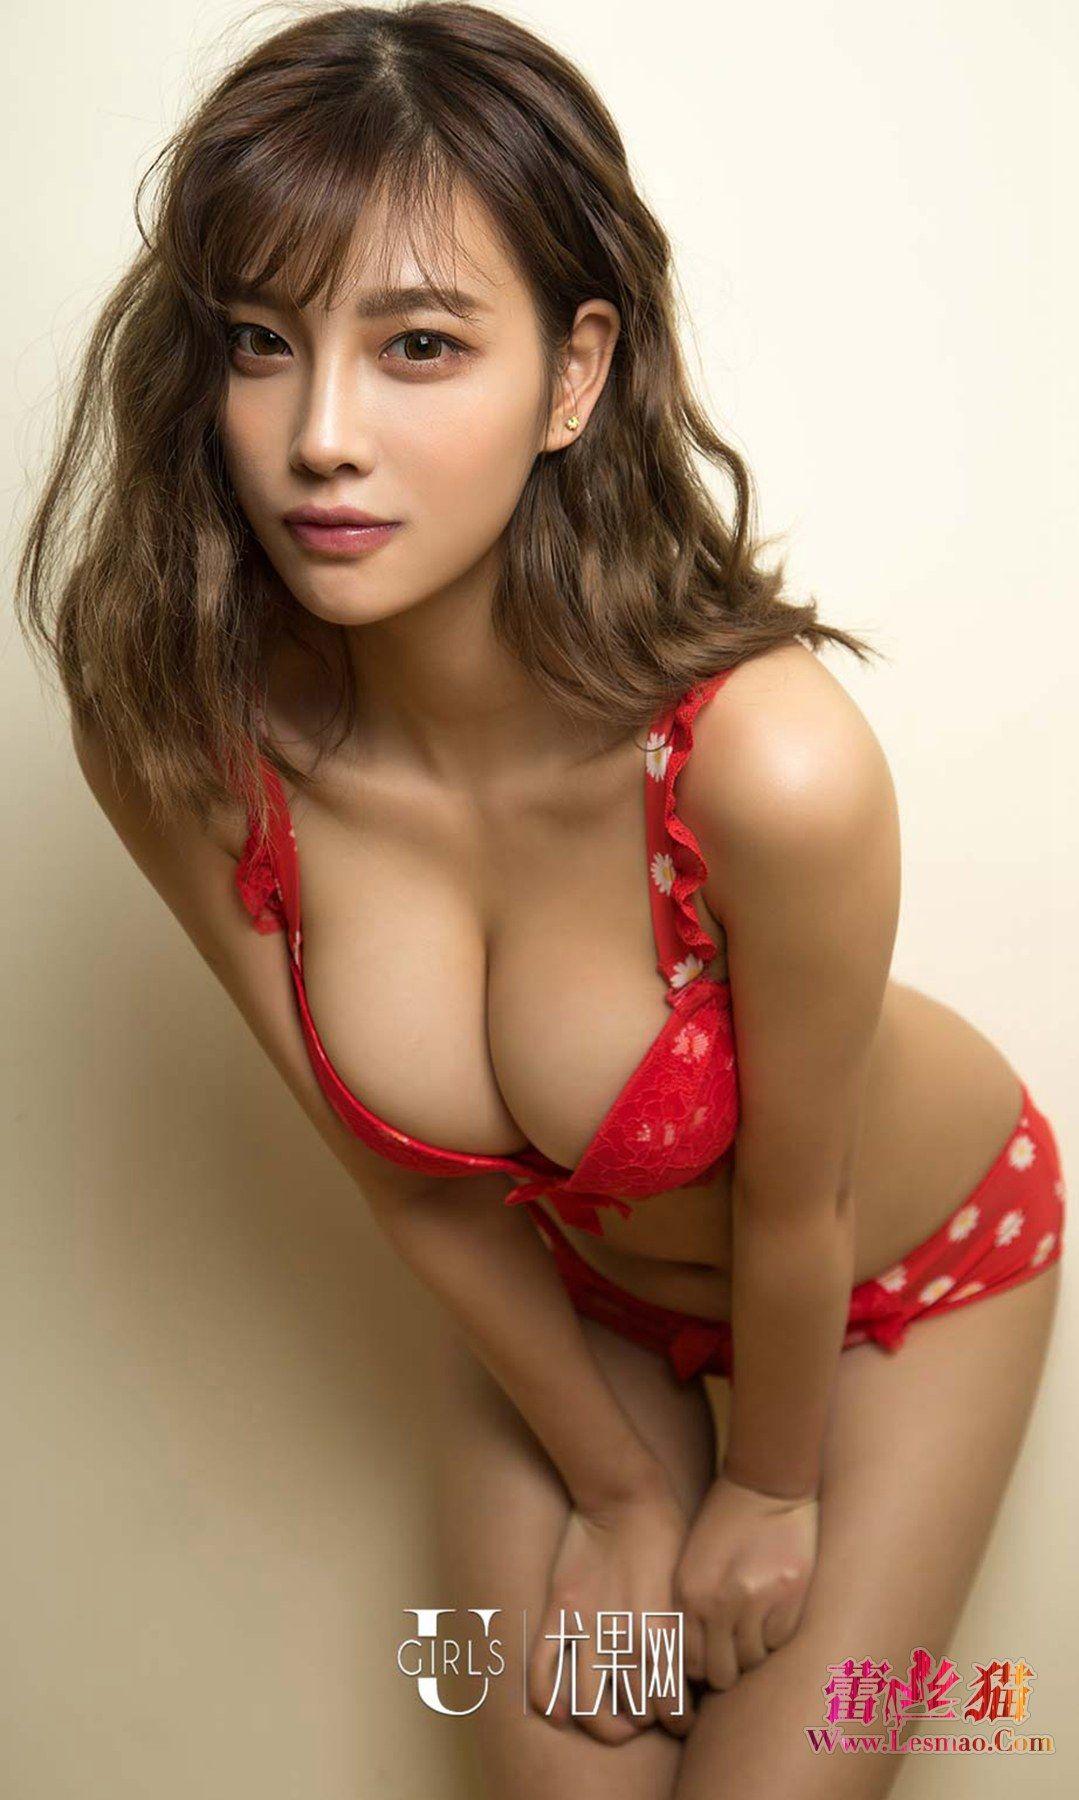 赤色がセクシーなお姉さん下着姿のエロ画像 82dlLqFY